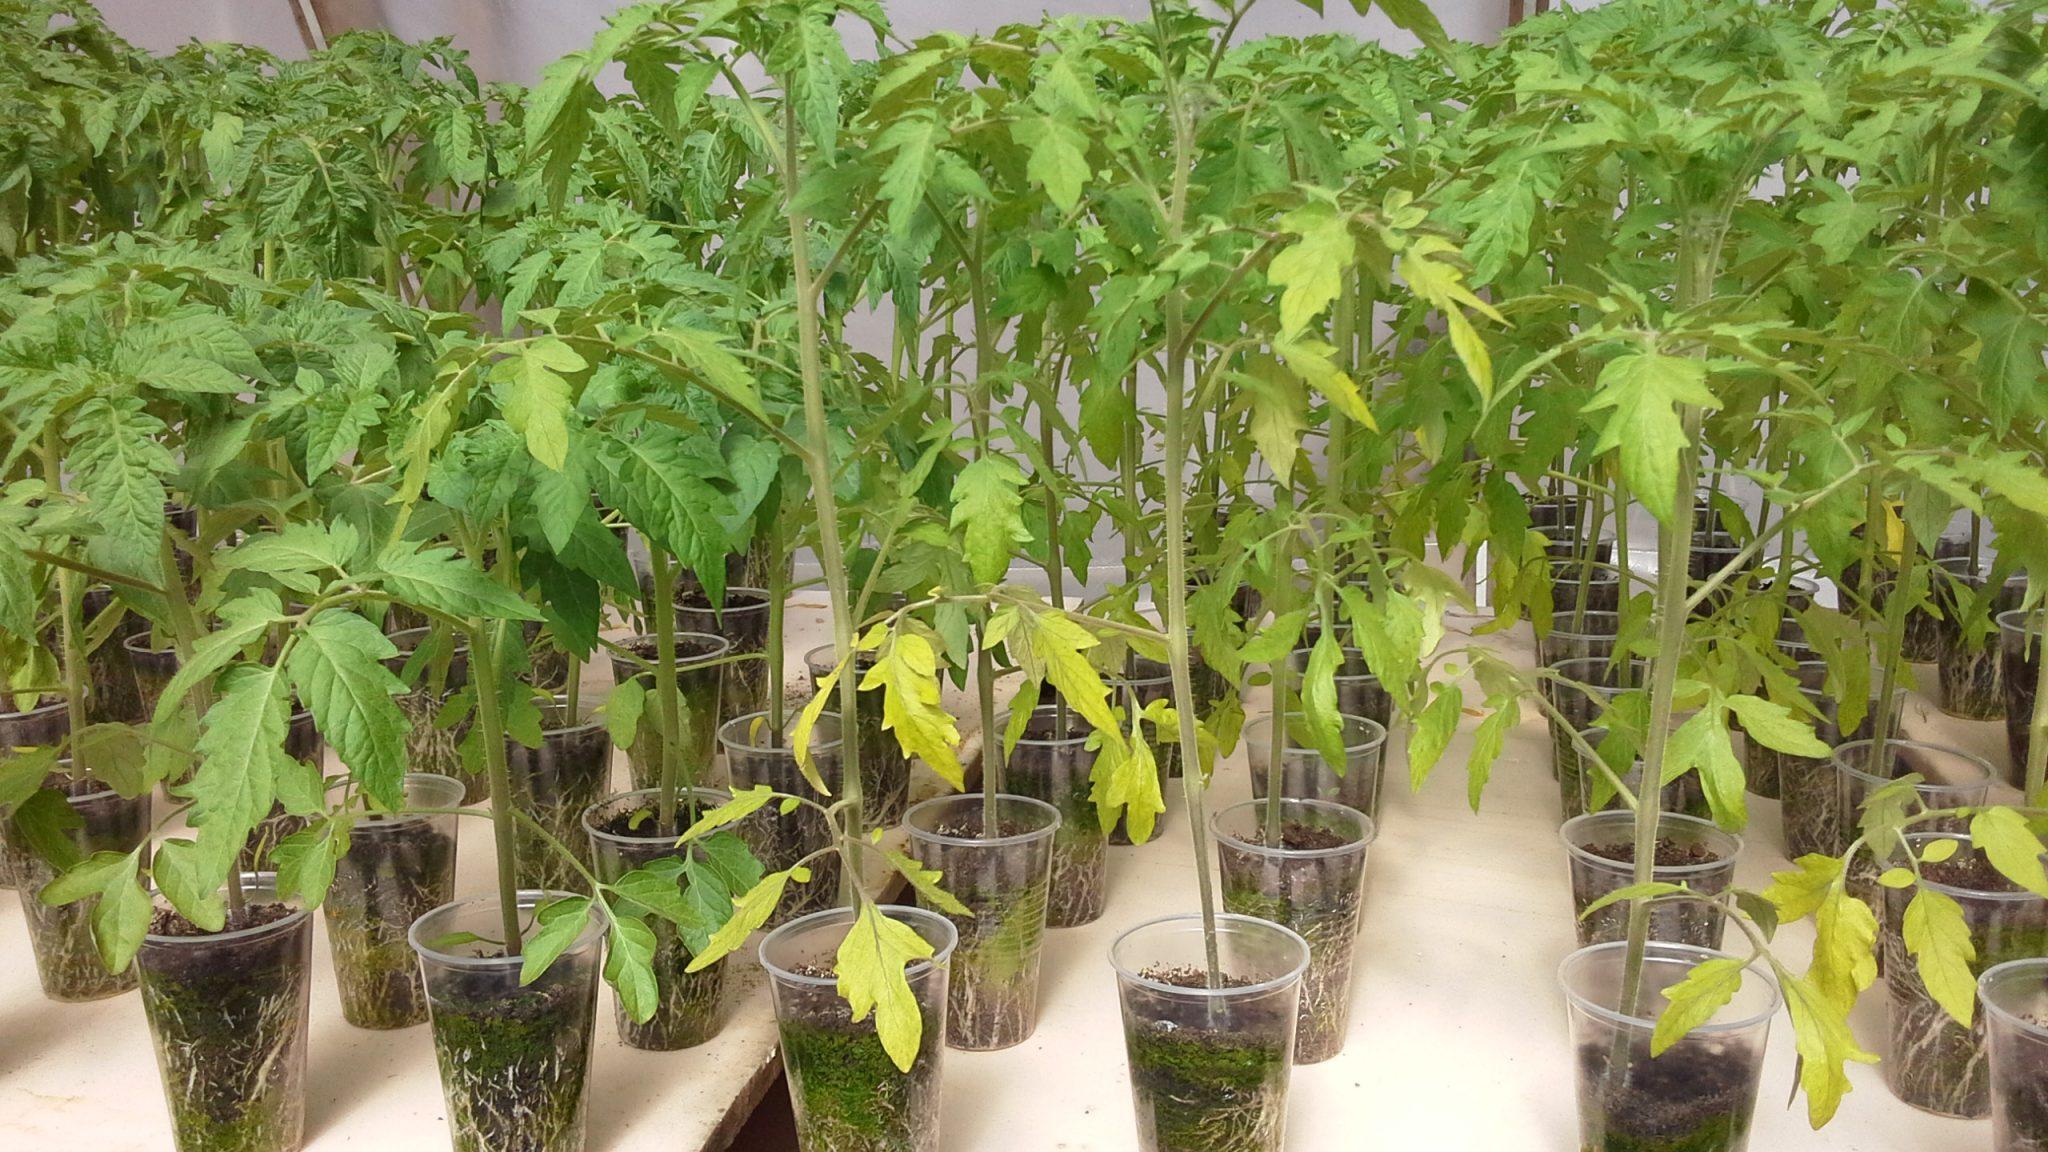 почему опадают листочки у рассады помидор